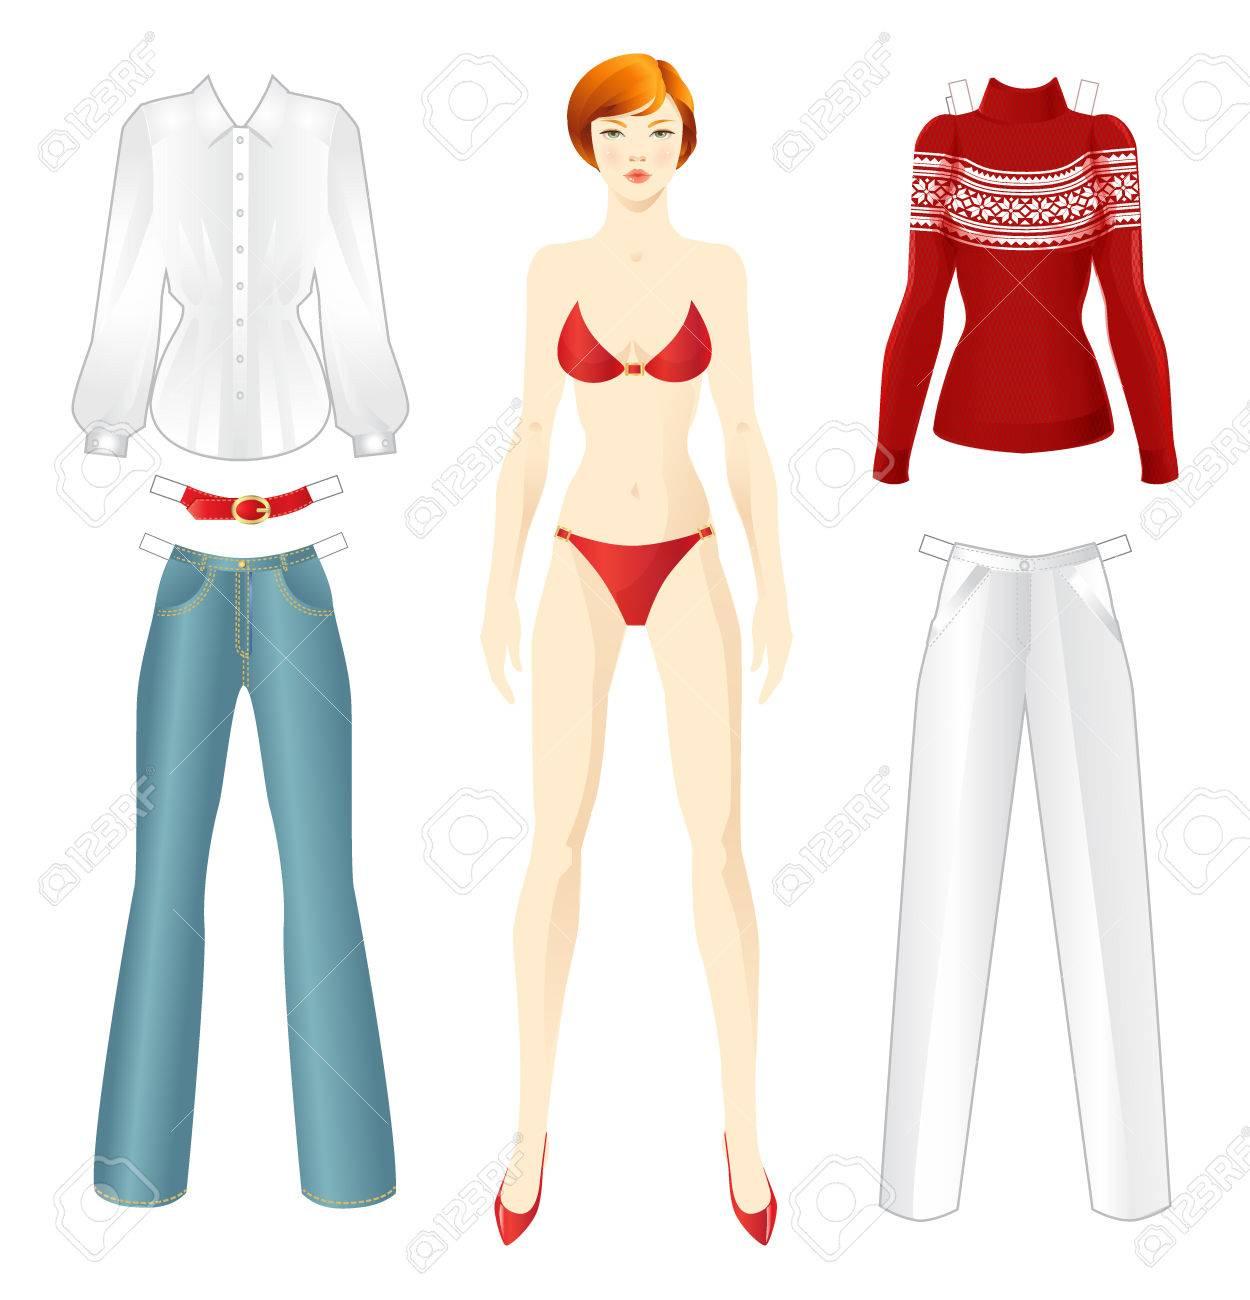 Puppe Mit Kleidung. Körper Vorlage. Set-Vorlage Papier Kleider Für ...